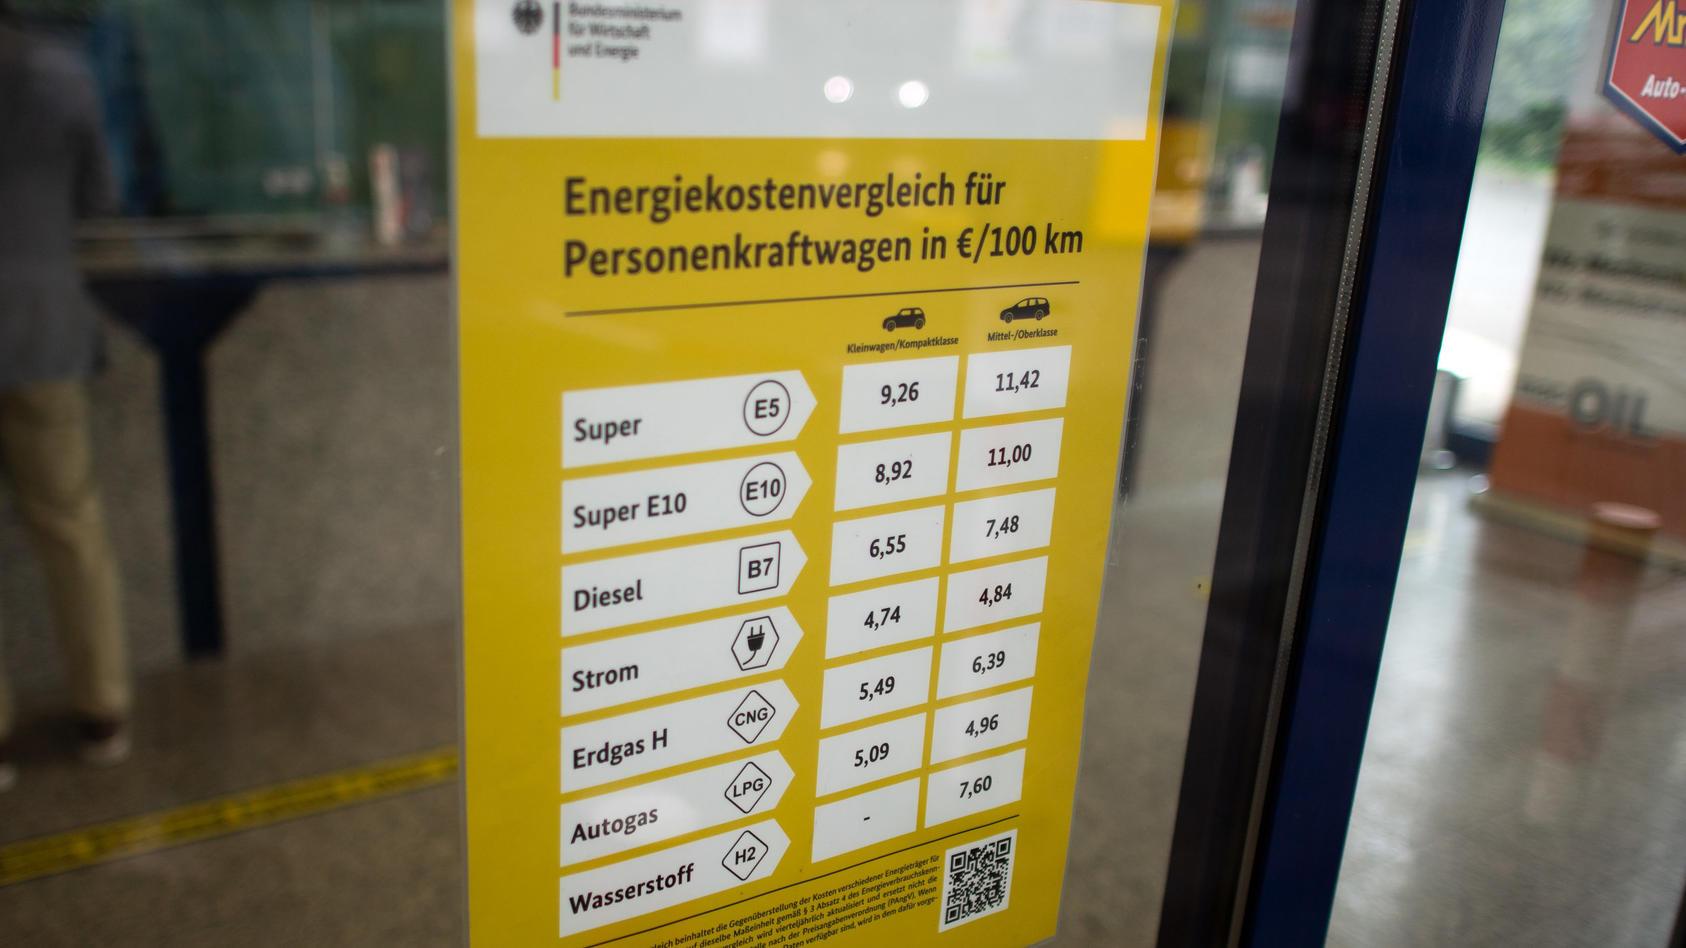 energiekostenvergleich-an-tankstellen